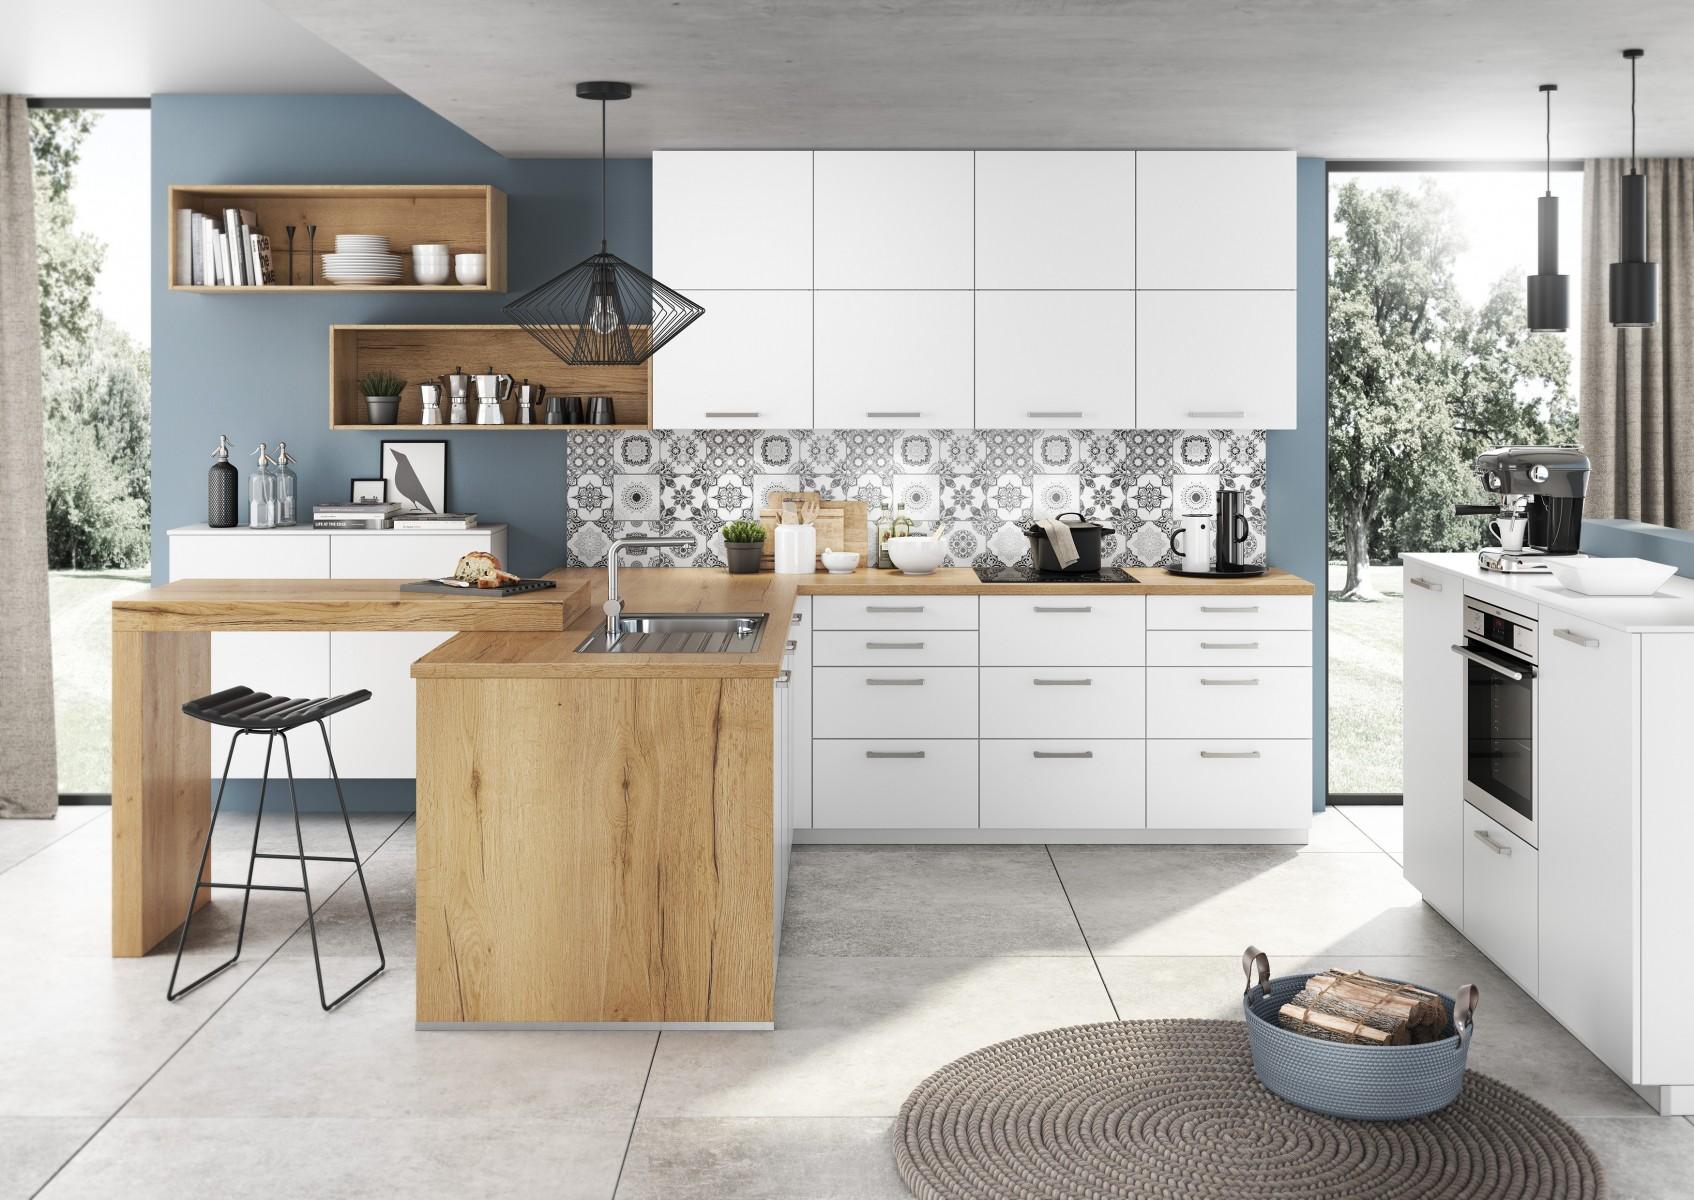 Full Size of Was Kostet Eine Küche Mit Geräten Was Kostet Eine Küche Einbauen Zu Lassen Was Kostet Eine Küche Vom Tischler Was Kostet Eine Küche Bei Küchen Quelle Küche Was Kostet Eine Küche